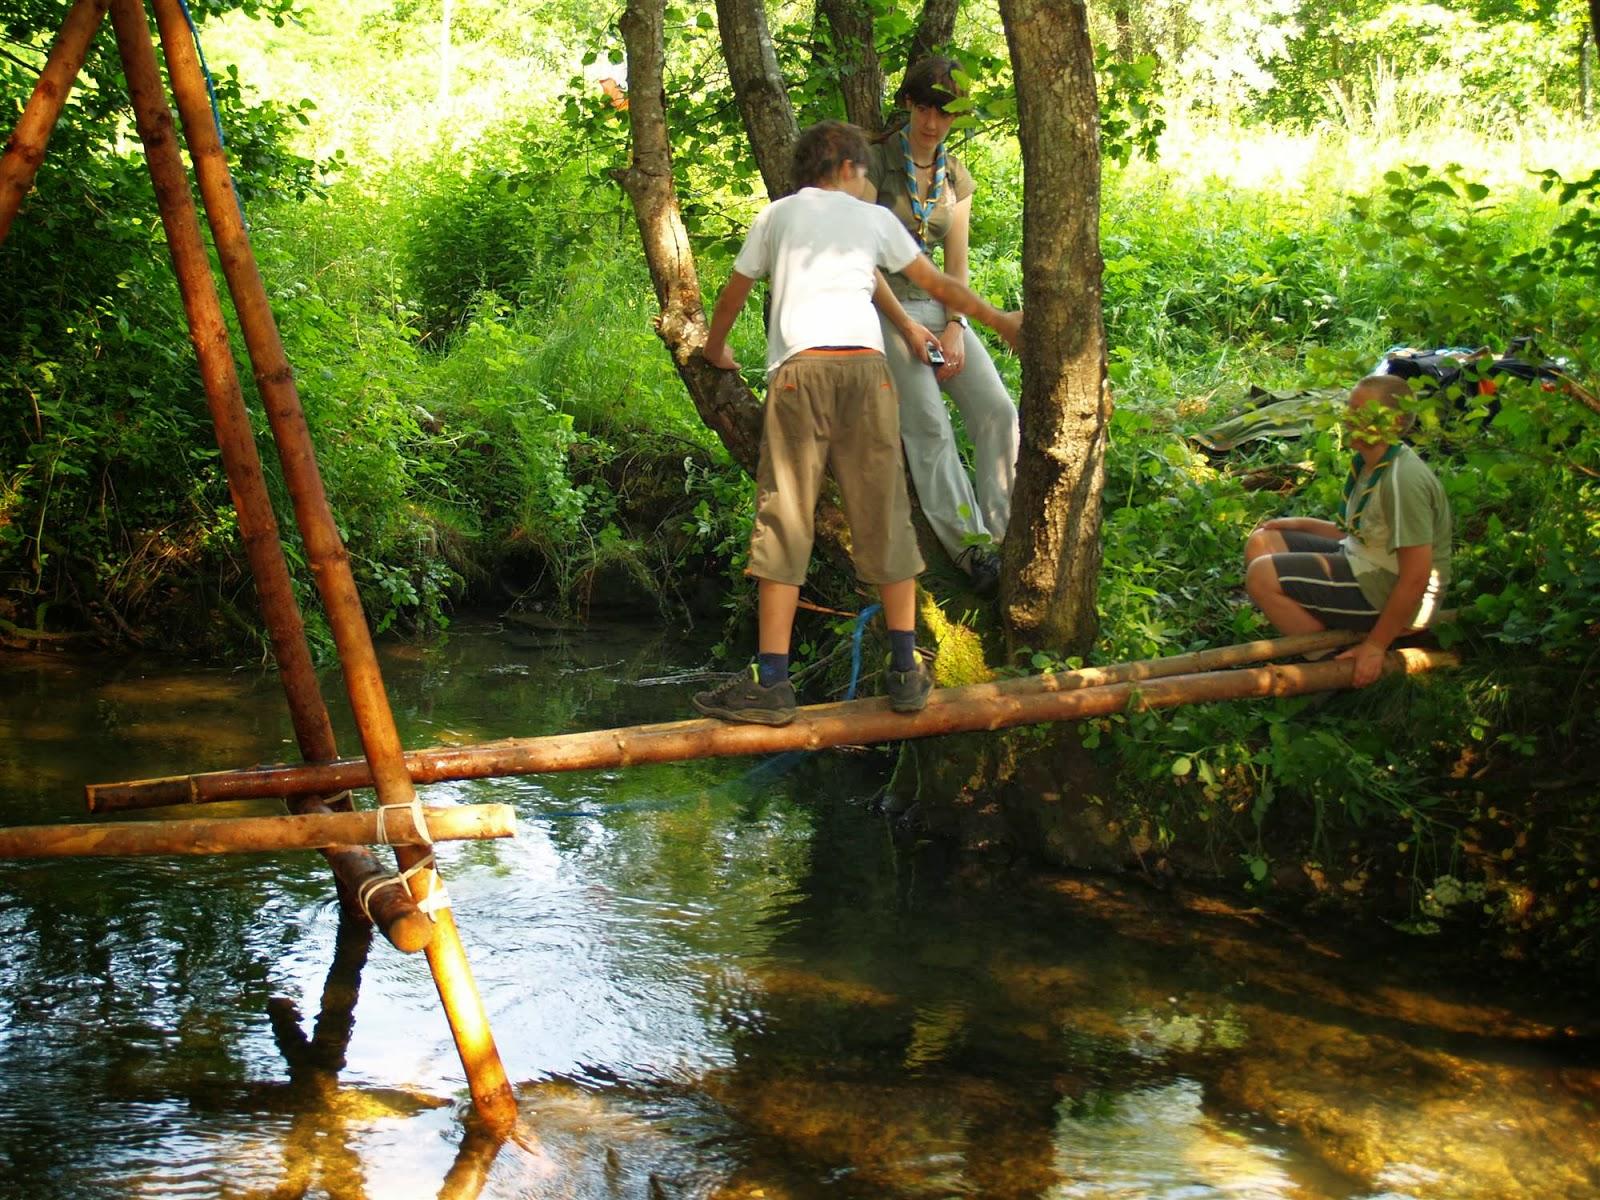 Vozlarija 890, Ilirska Bistrica 2007 - P0097240.JPG